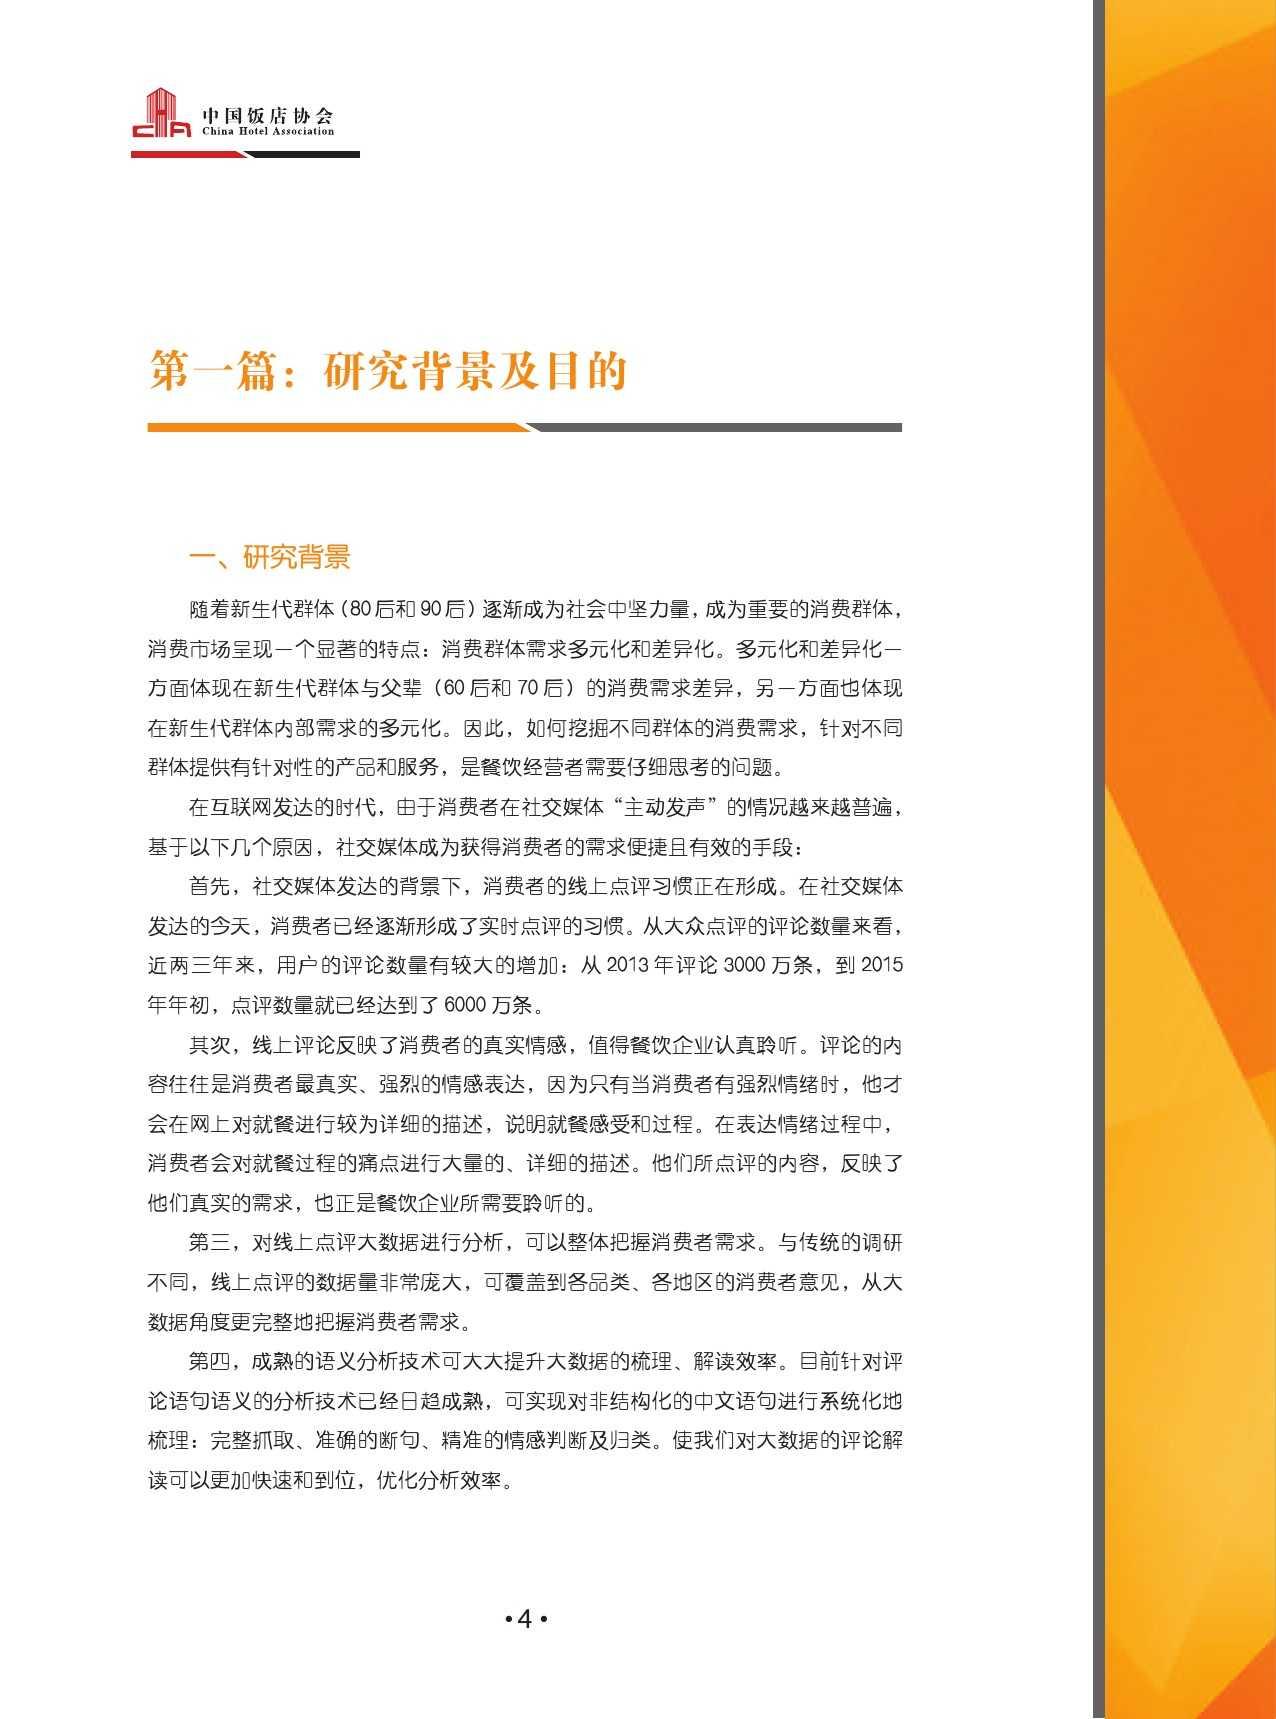 2015中国餐饮消费需求大数据分析报告_000006